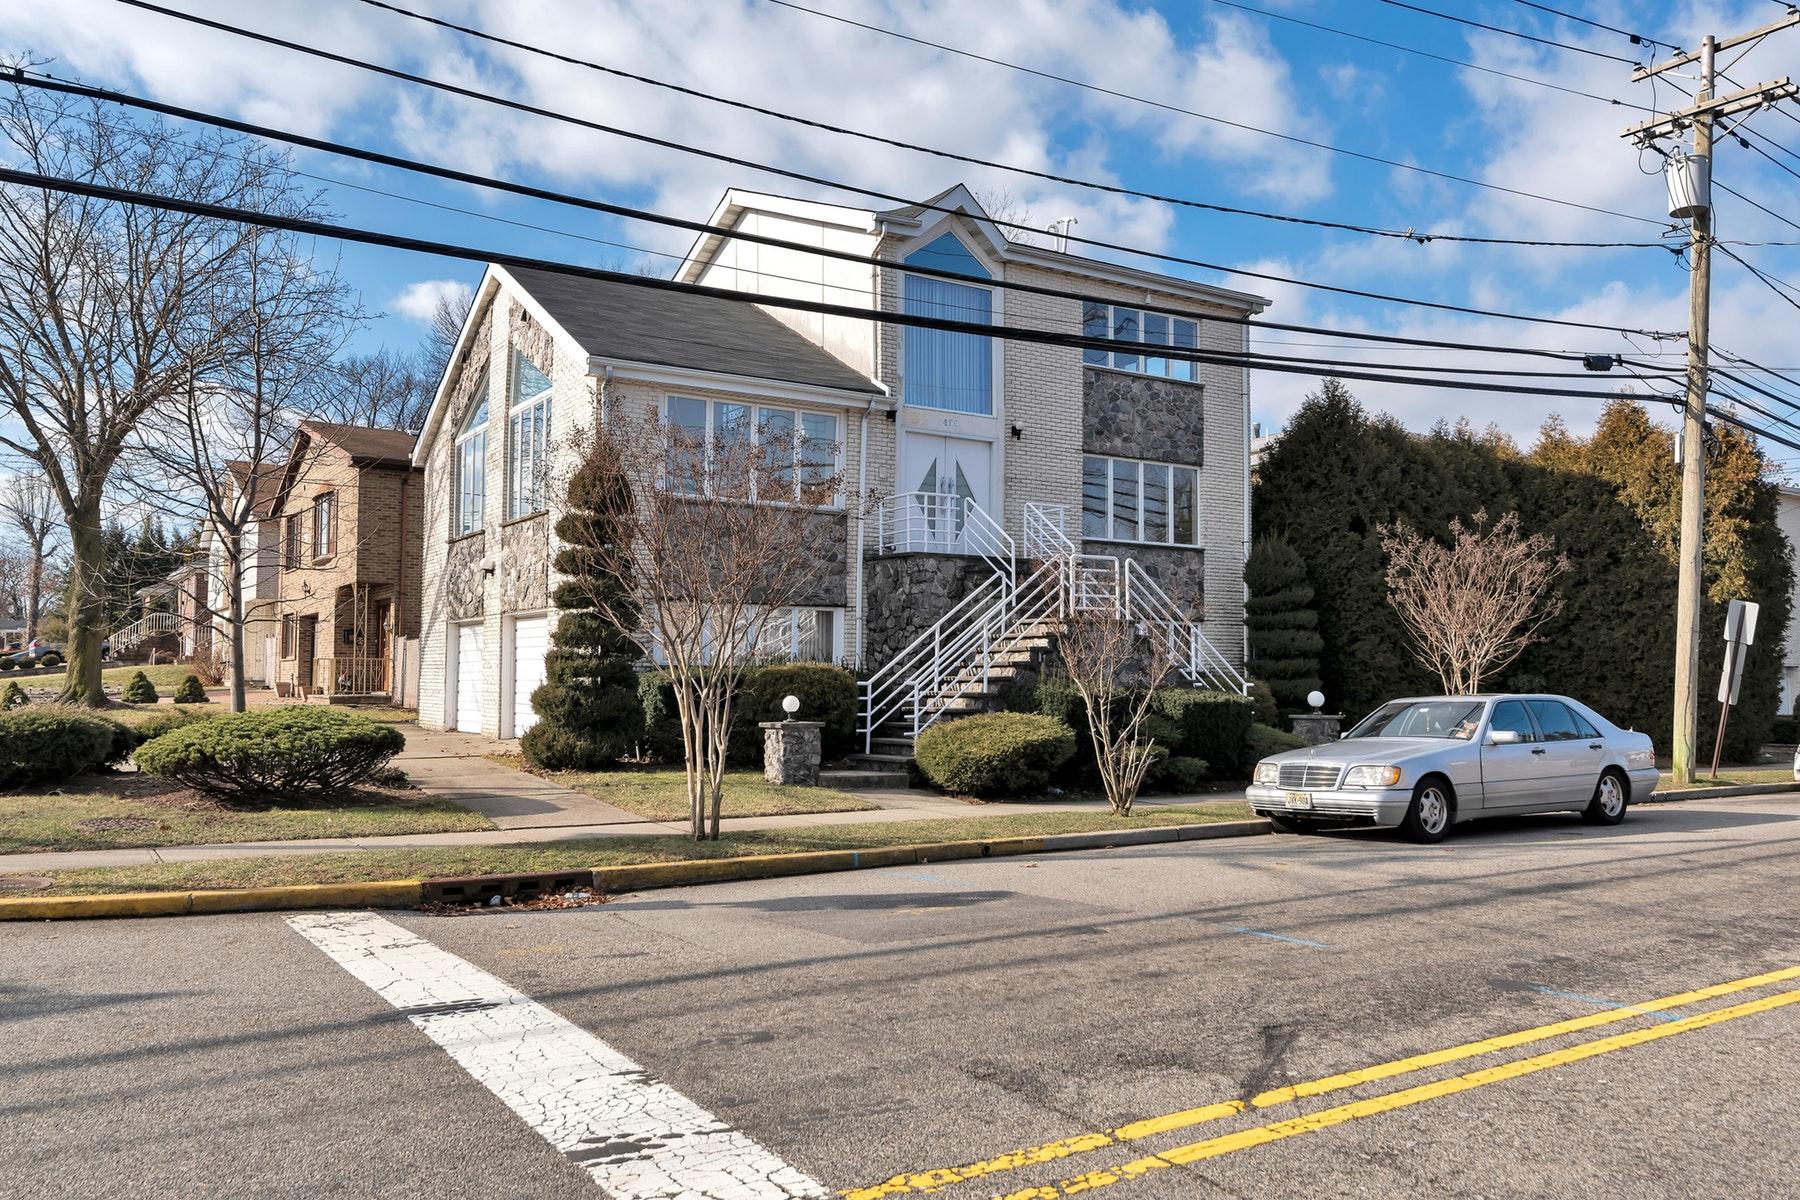 Частный односемейный дом для того Продажа на 430 Brinkerhoff Avenue Fort Lee, Нью-Джерси 07024 Соединенные Штаты